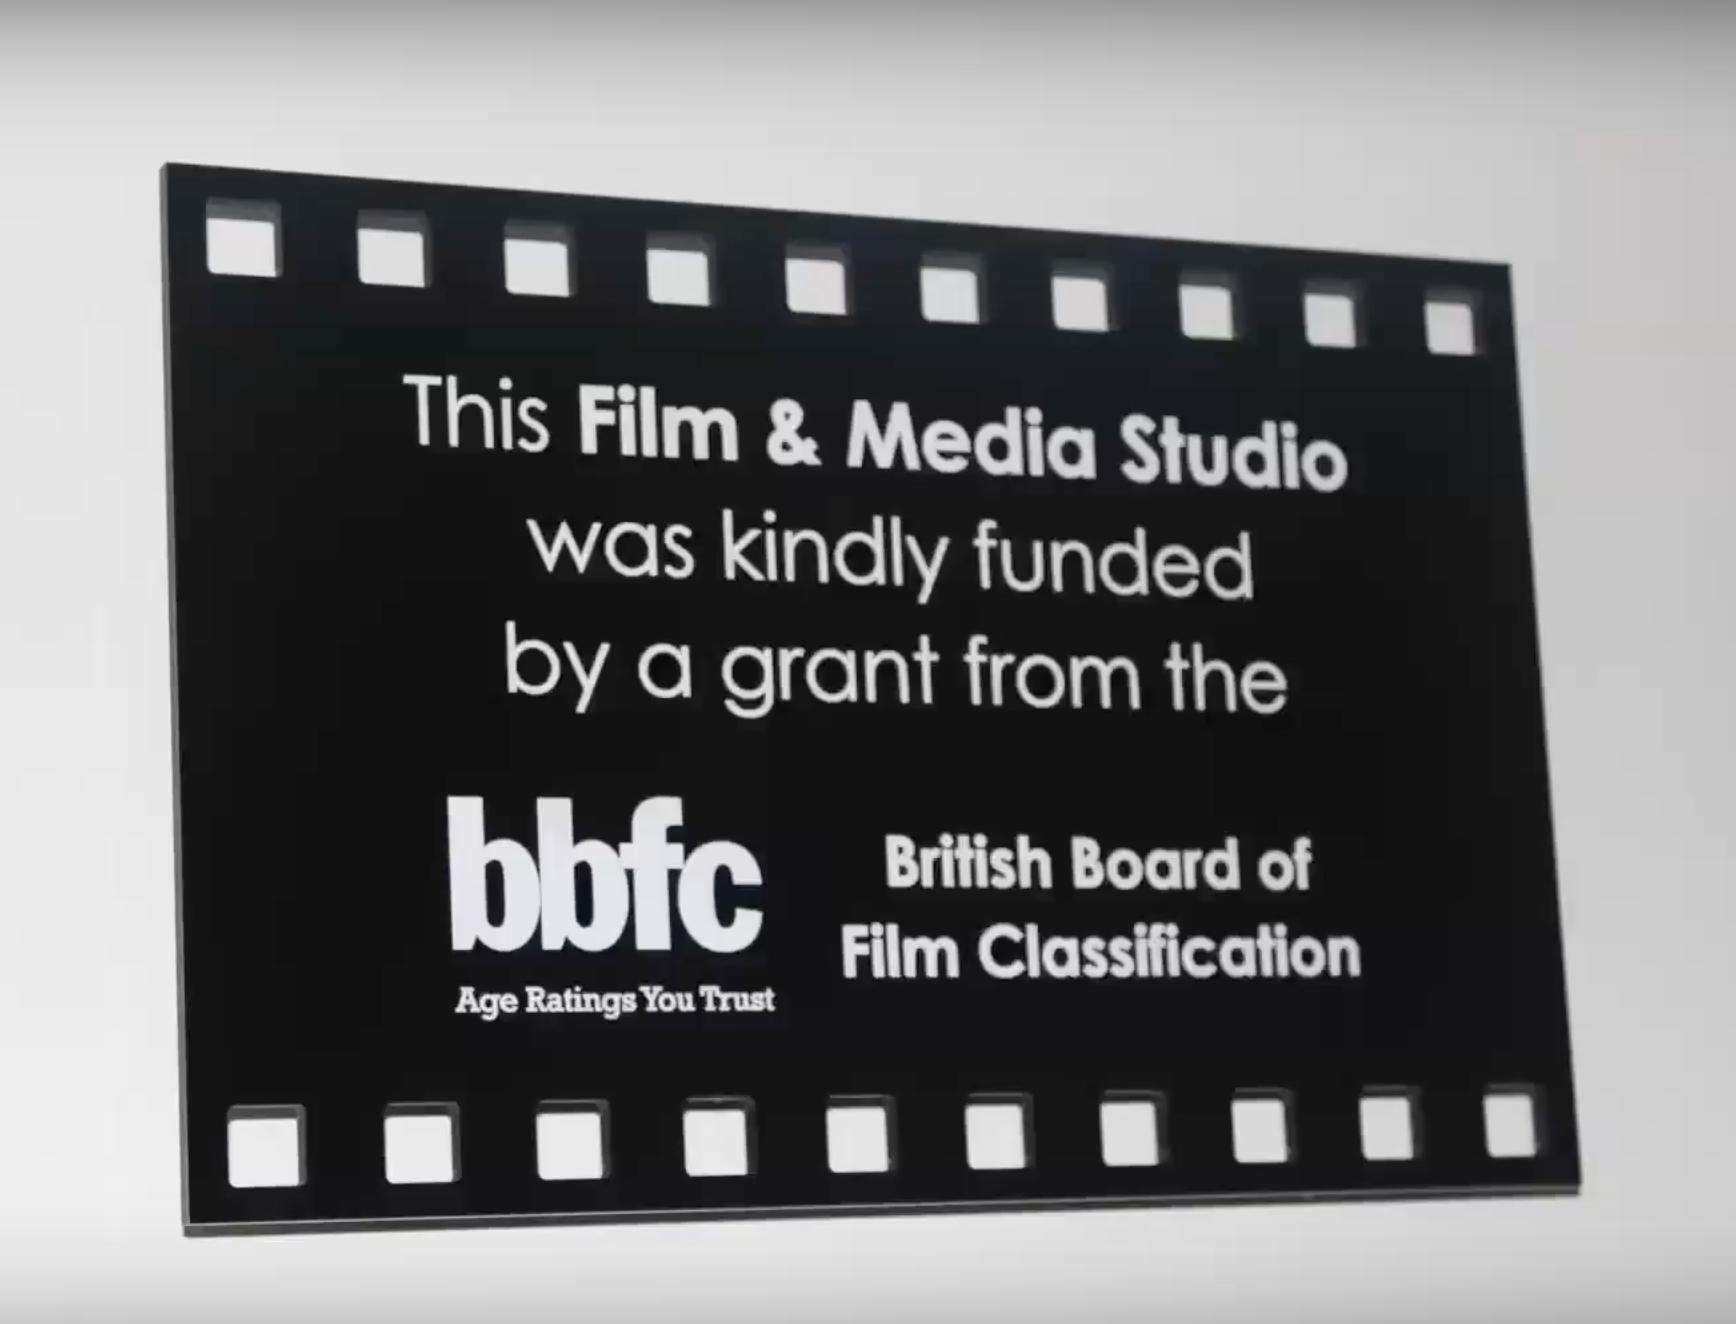 bbfc Film and Media Studio